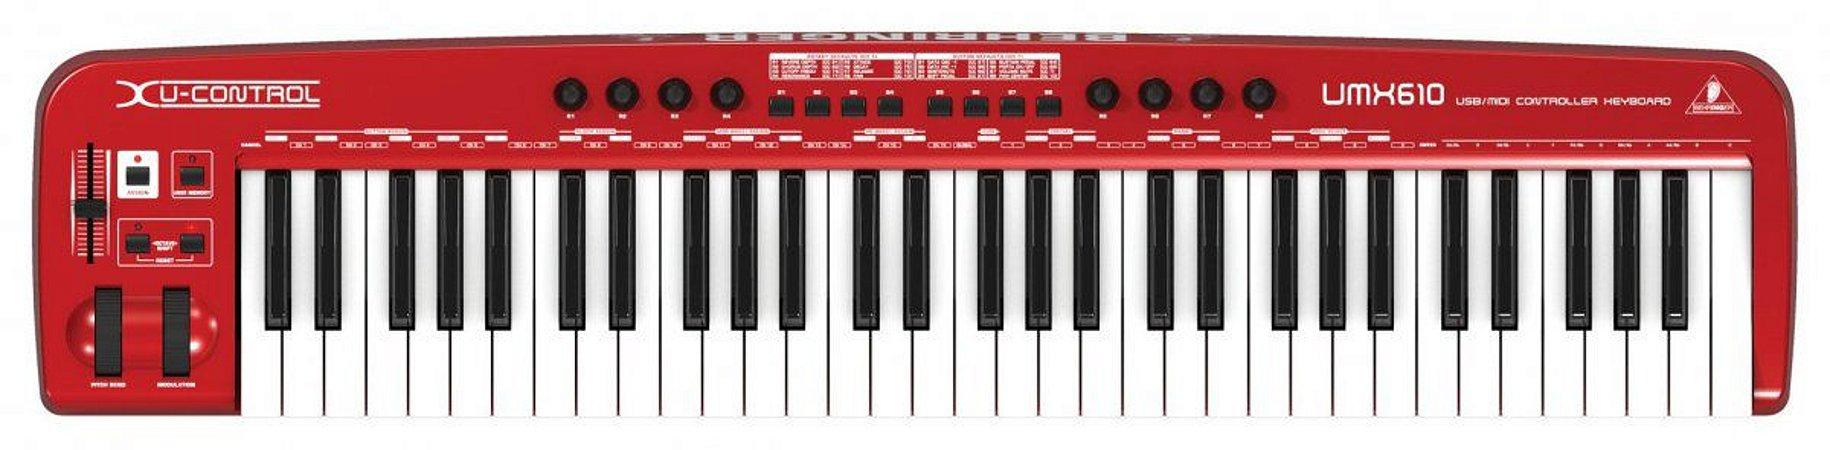 CONTROLADOR BEHRINGER USB/MIDI UMX610 -Nr Serie: S180801421A1K / S180801424A1K /